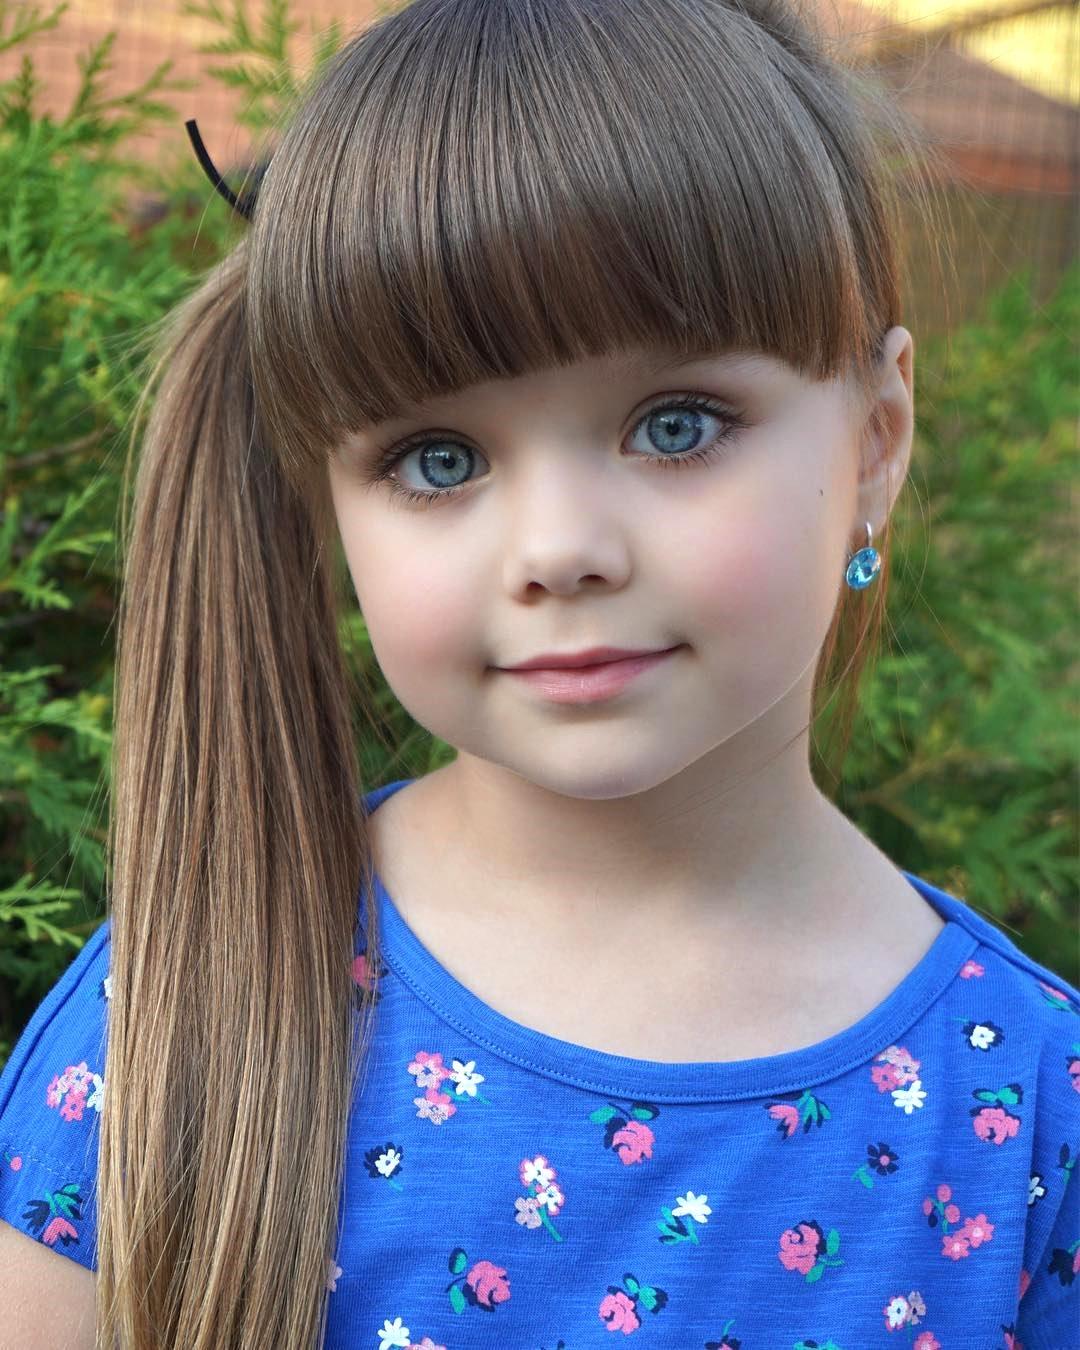 صورة طفلة جميلة , صورة لاجمل طفلة